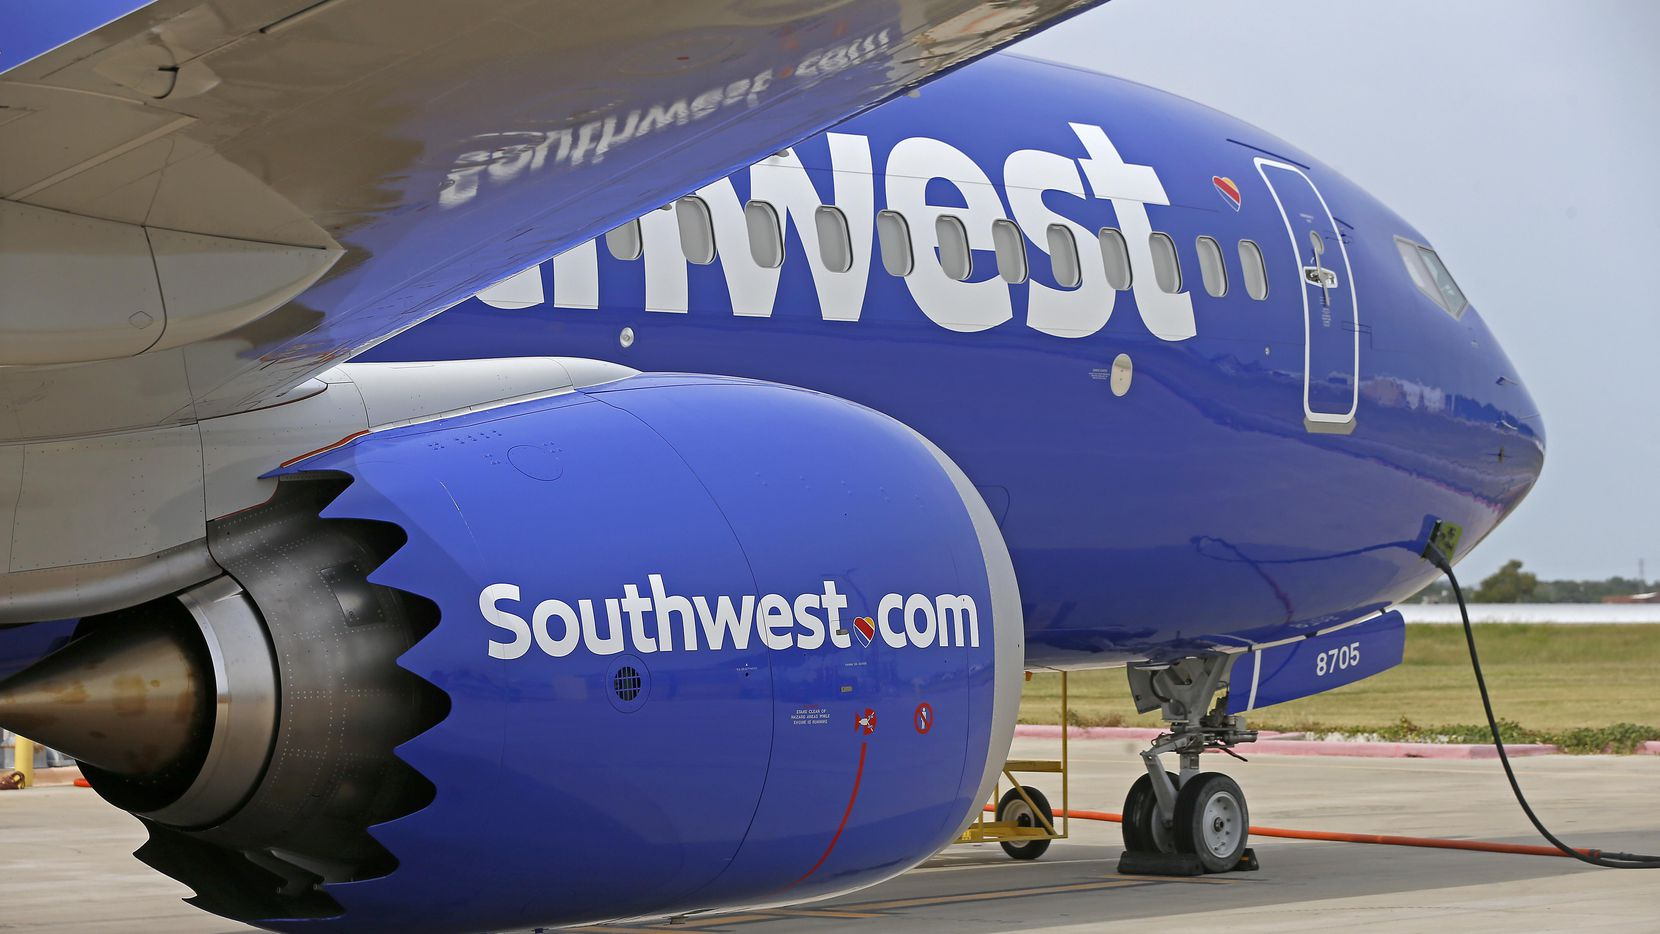 El nuevo 737 Max representa un hito para Southwest que está jubilando sus 737 originales. (DMN/JAE S. LEE)